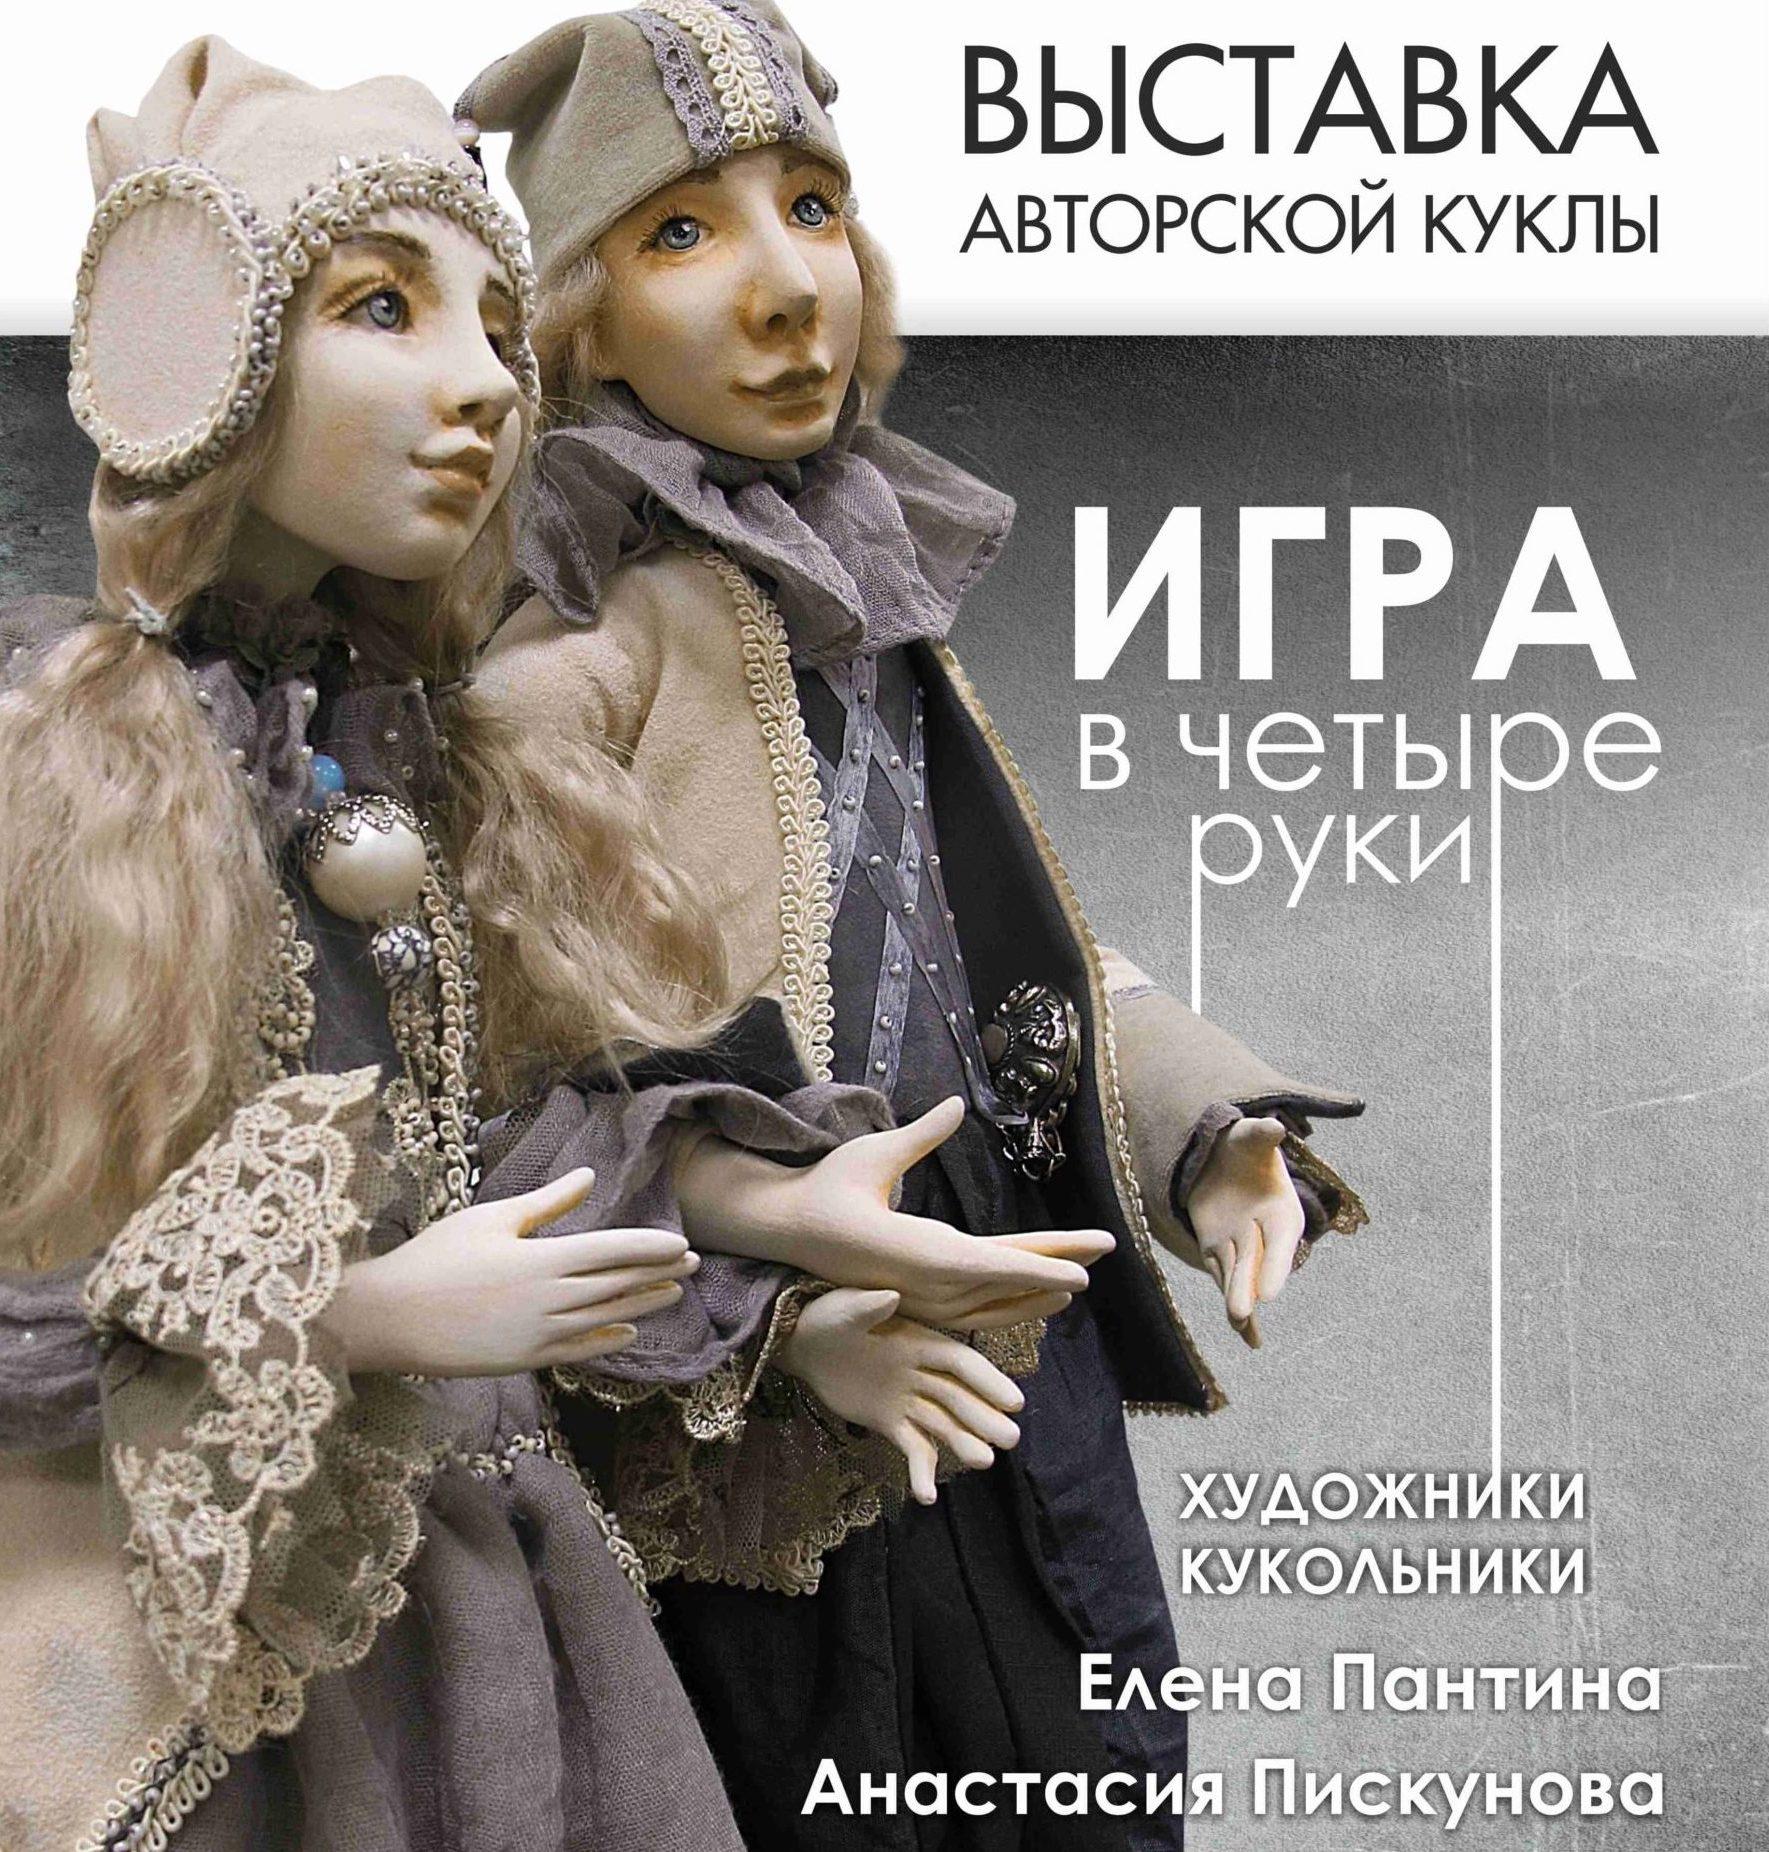 Открытие выставки авторской куклы «Игра в четыре руки»